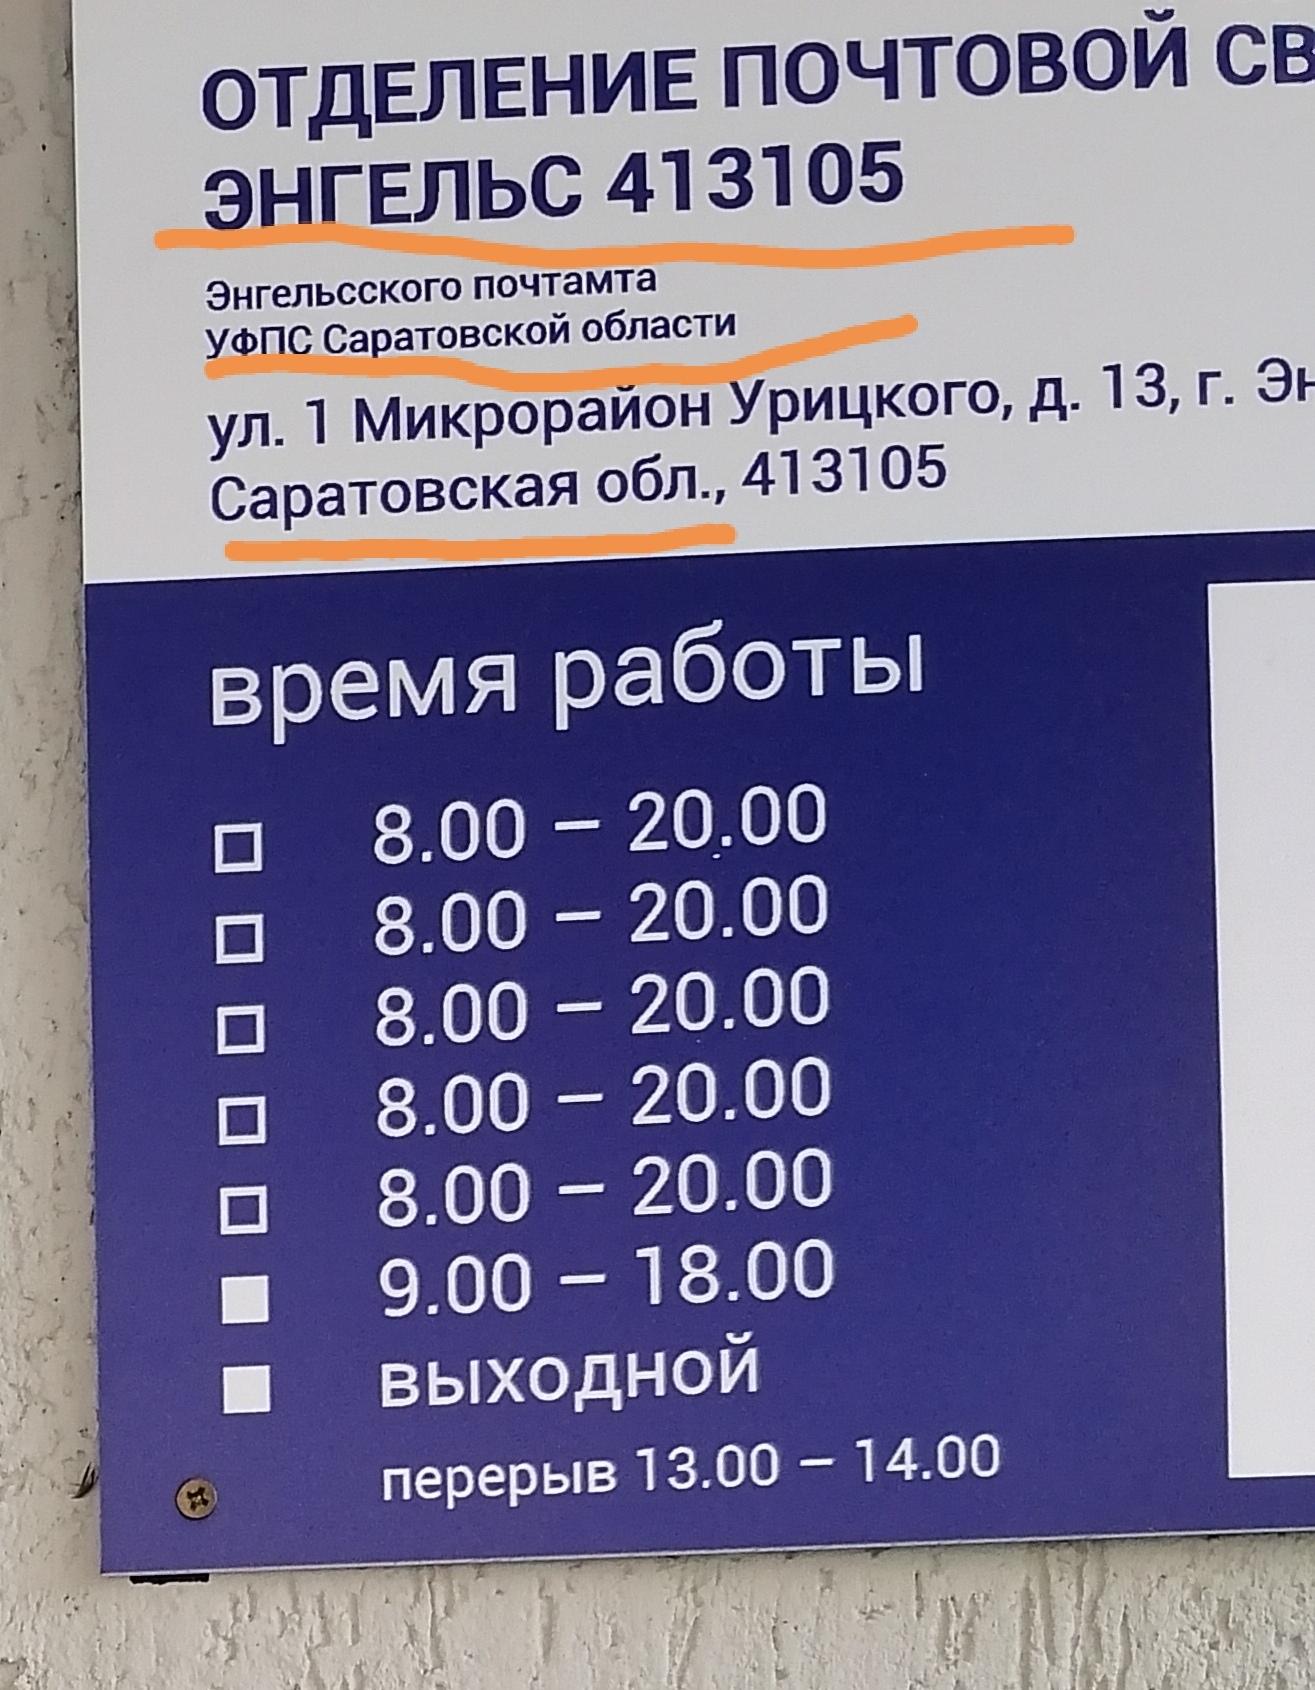 Режим работы почтового отделения